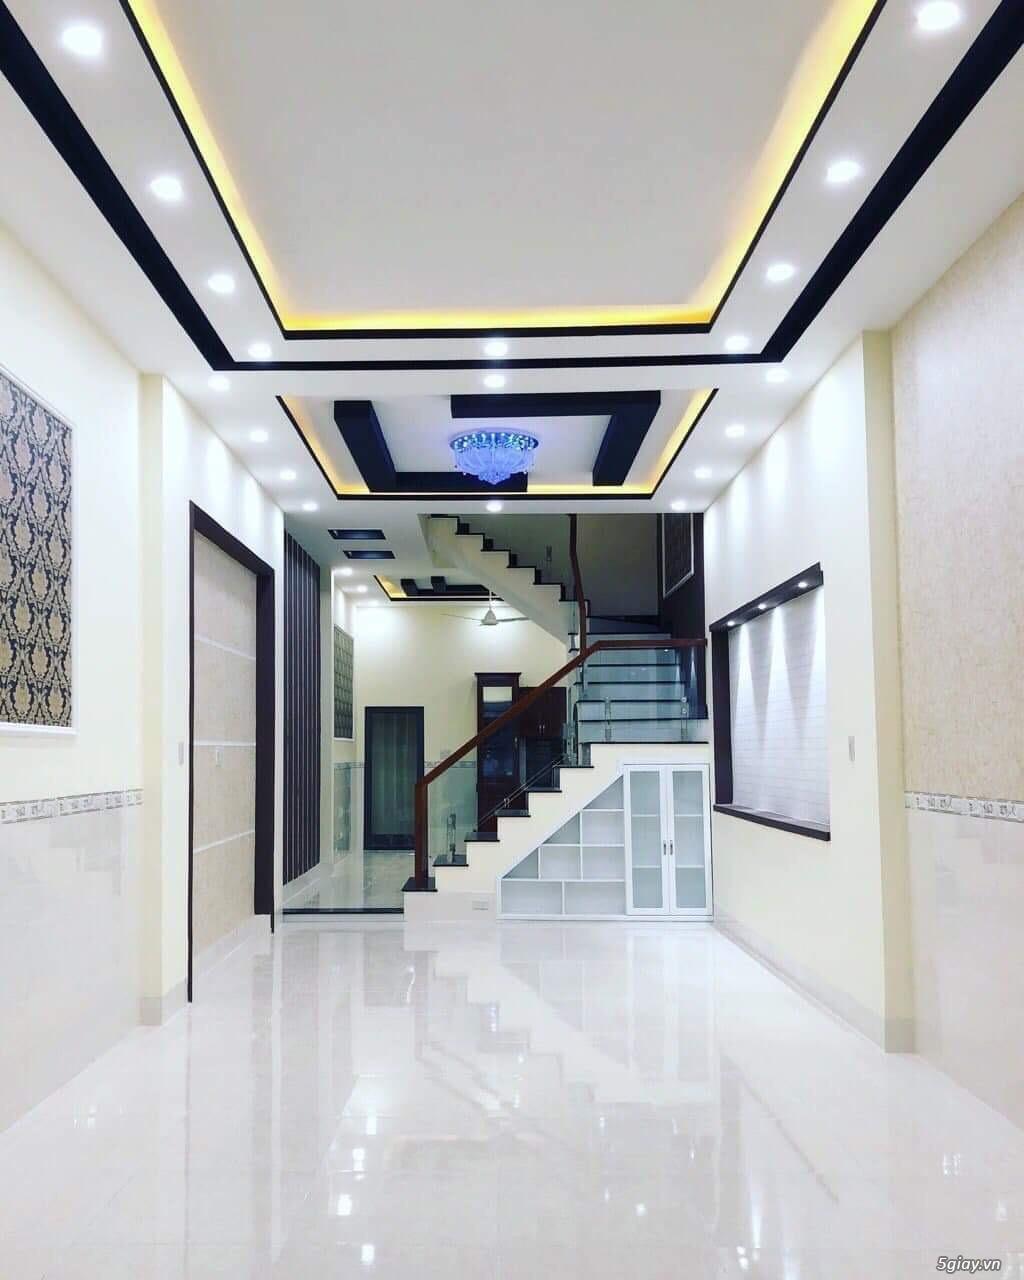 Ly dị chia tài sản, bán gấp nhà MT Tạ Quang Bữu, Q8. 1,6 tỷ - 1